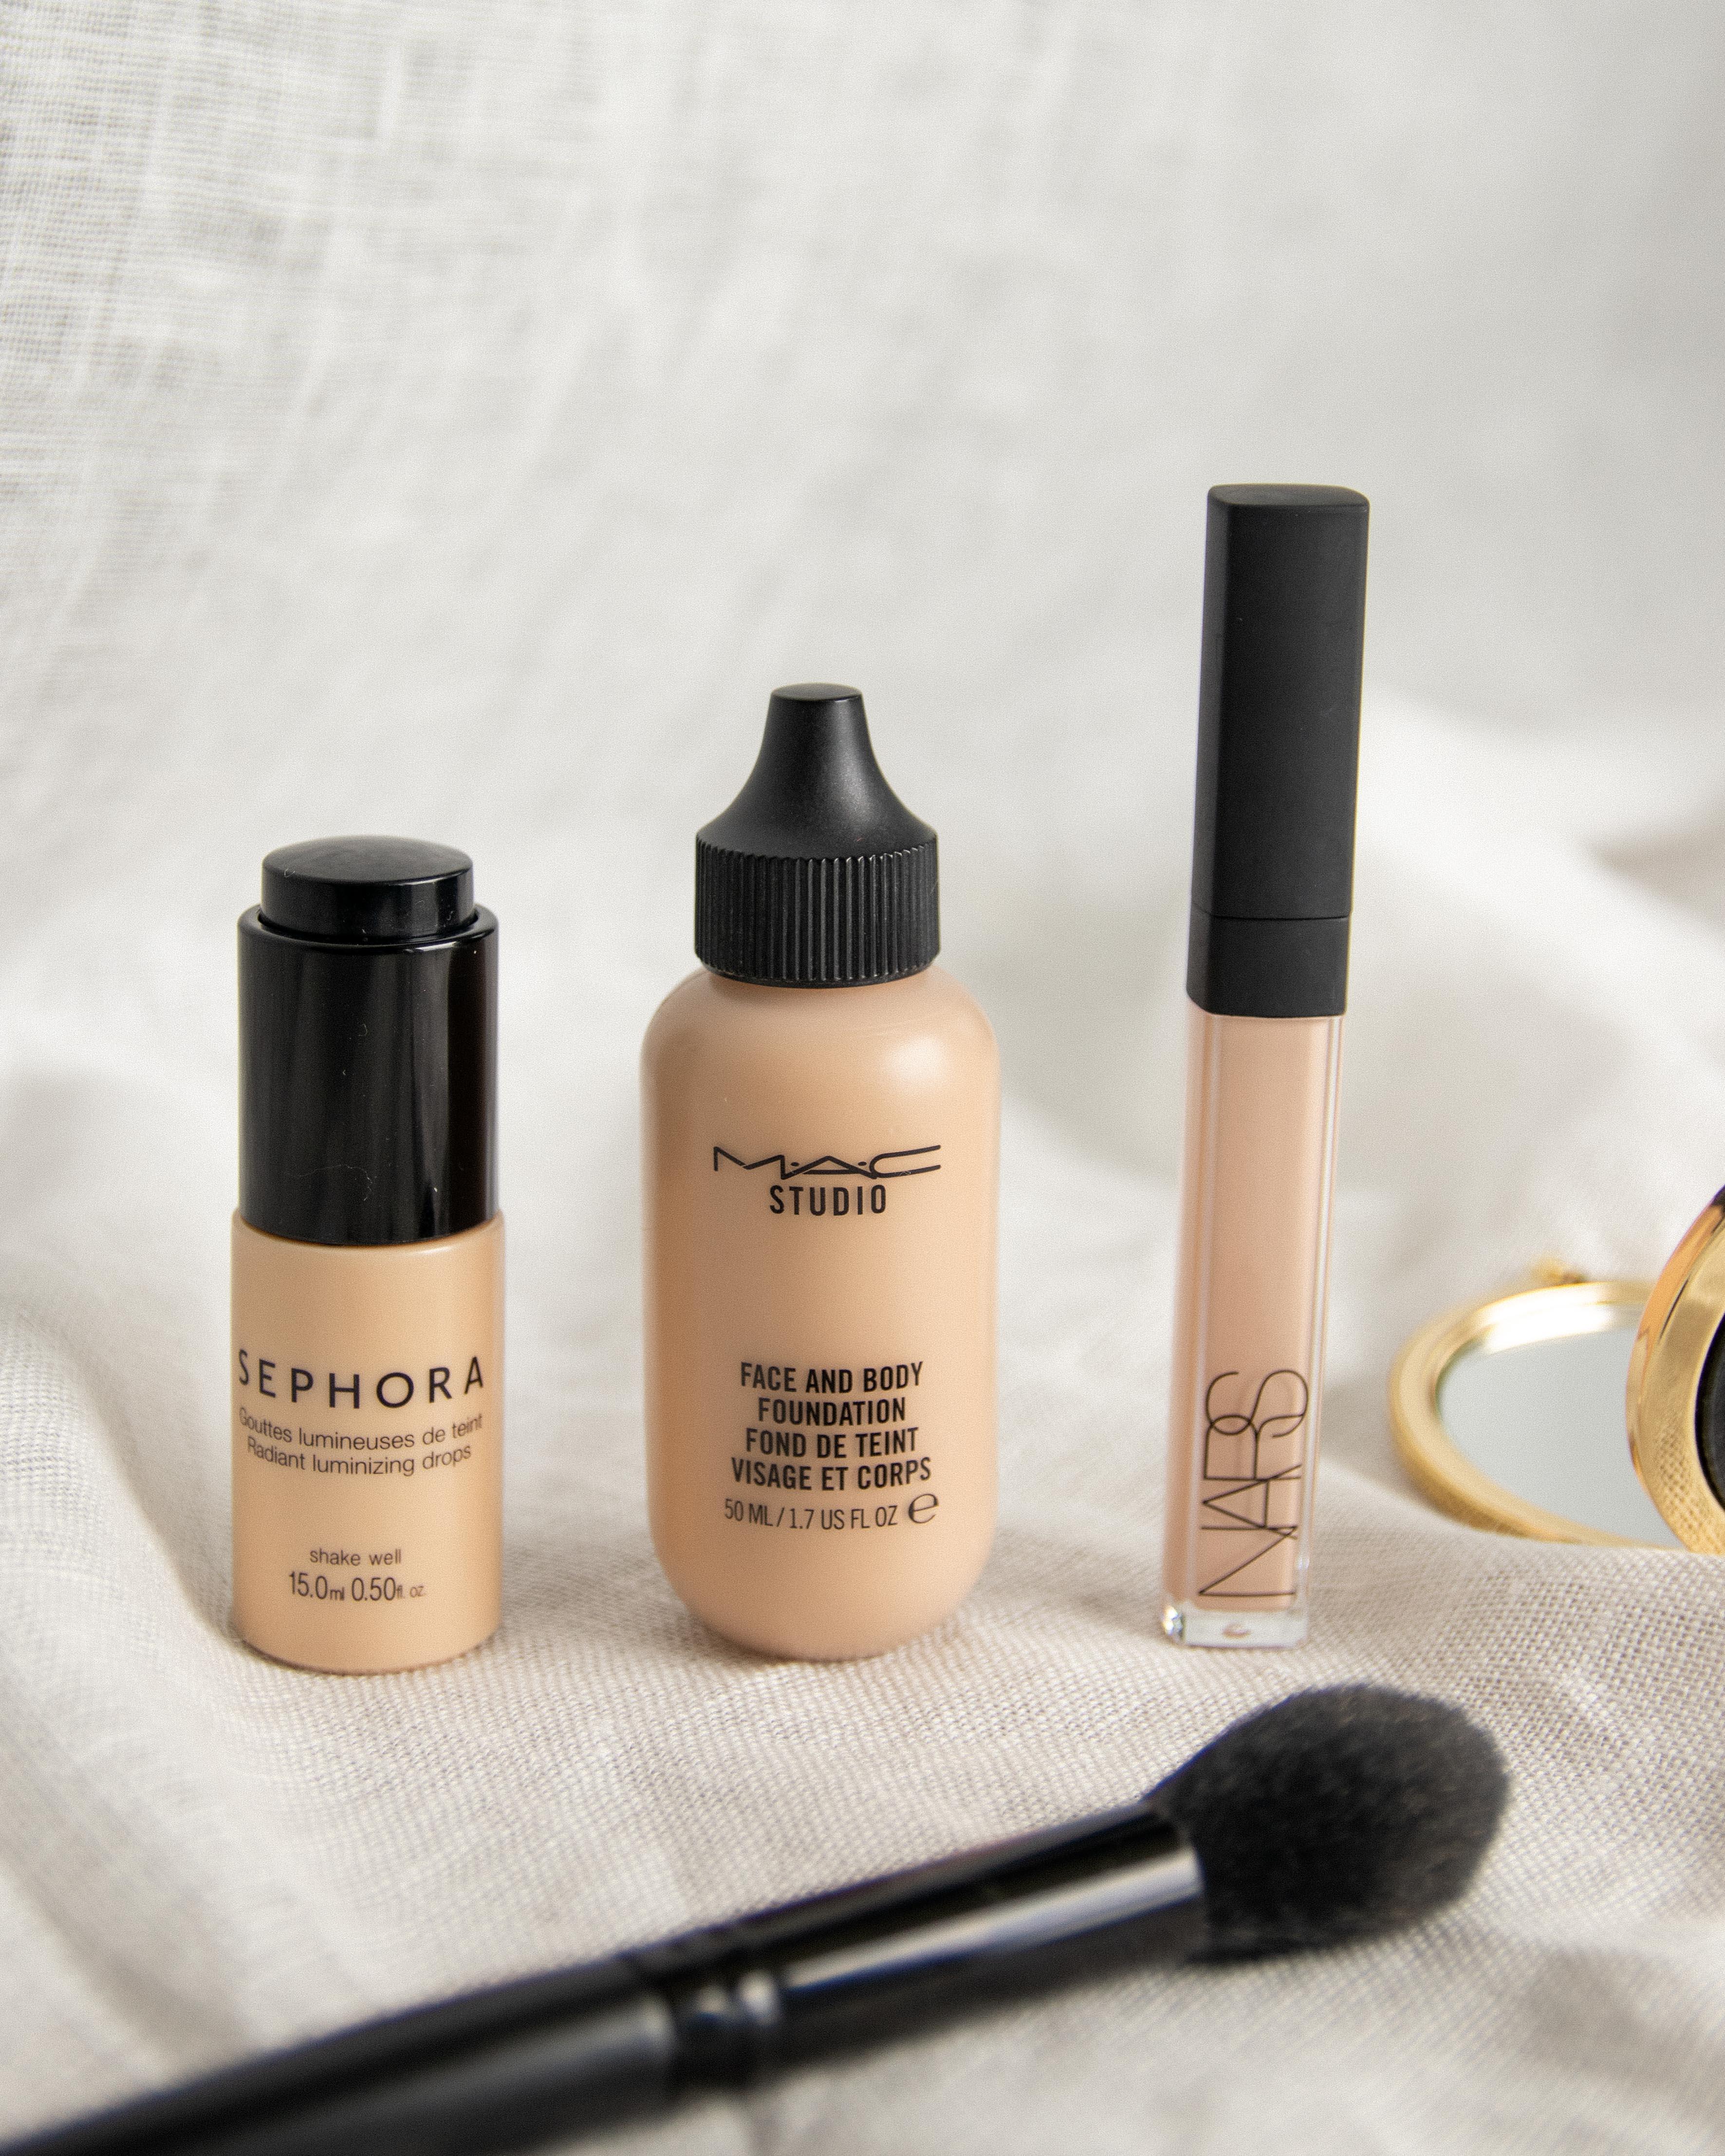 Natural Makeup Products + Makeup Tutorial | www.alexgaboury.com